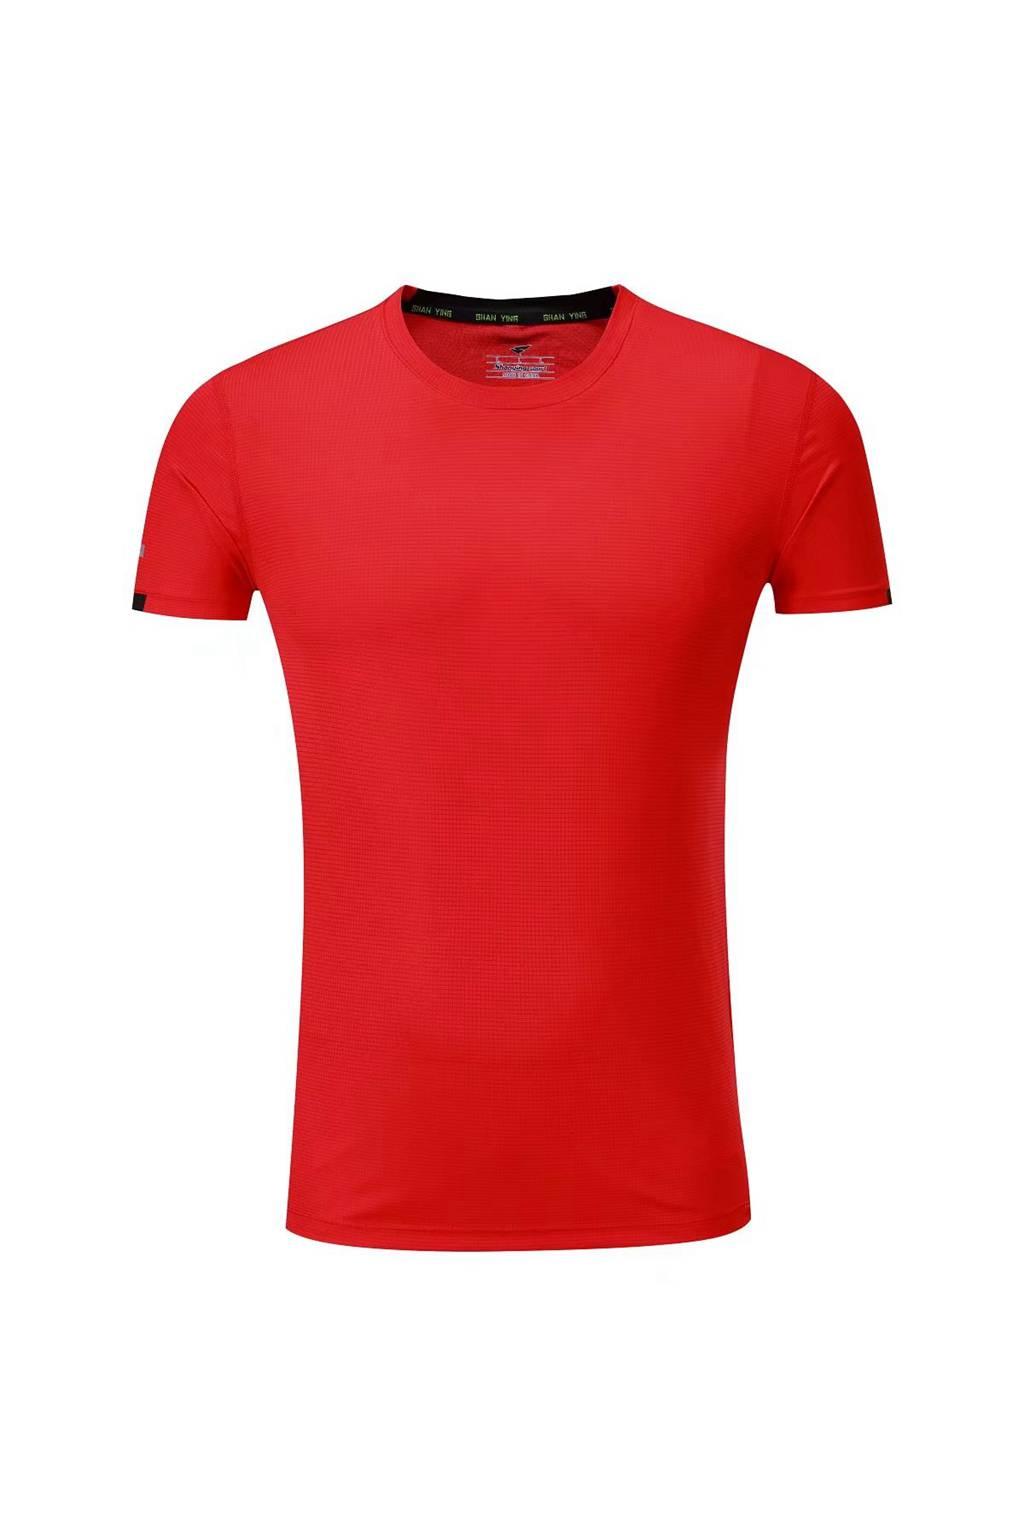 新款短袖T恤  纯色T恤半袖基础款 红色3D图